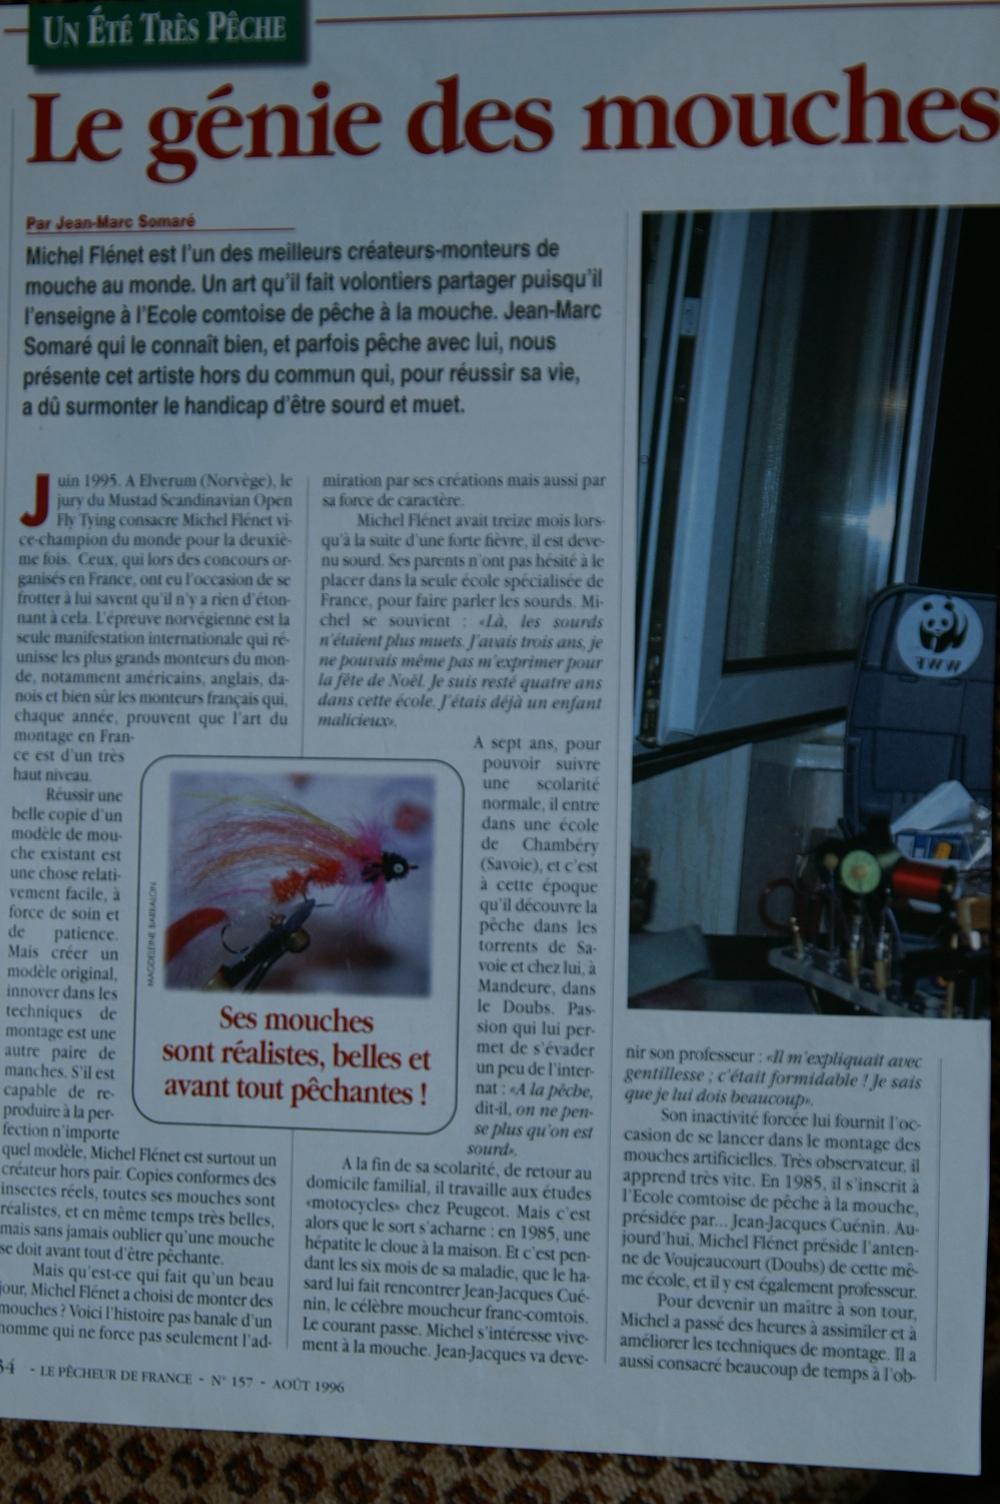 Michel fl net nicolas39 p che la mouche fly shop - Que faire contre les mouches ...